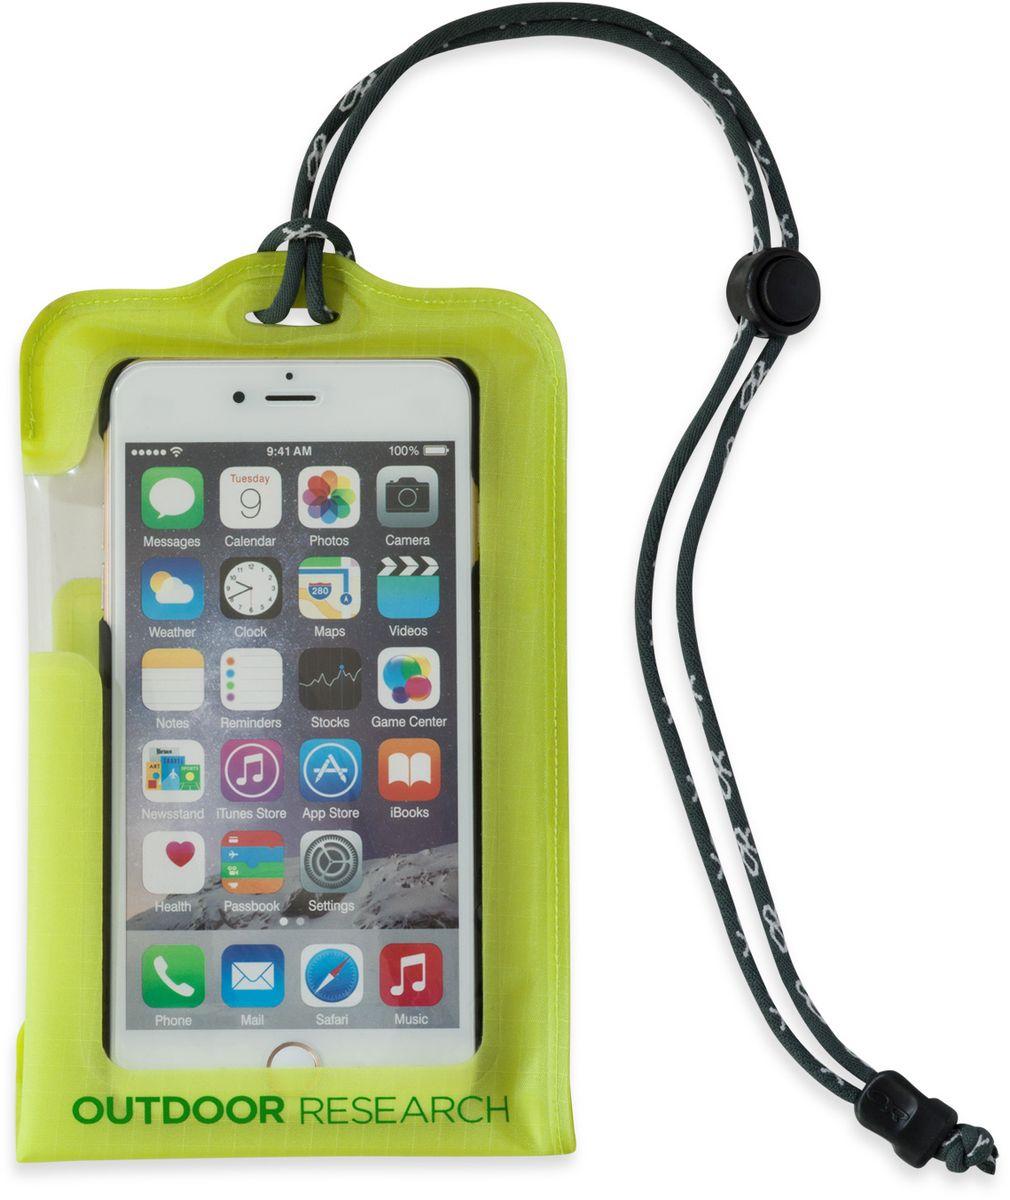 Гермочехол для электроники Outdoor Research Dry Pocket Large, цвет: зеленый2440250489Гермочехол для электроники Outdoor Research прекрасно защитит ваше устройство от намокания и грязи. Чехол выполнен из водонепроницаемого, легкого и прочного материала. Сенсорный экран позволяет пользоваться телефоном в любых экстремальных условиях. Сзади имеется прозрачное окошко для внешней камеры. Чехол снабжен шнурком. Подходит для iPhone 6, Samsung Note 3&4. Не совместим с кнопкой Home в iPhone 7, на прокрутку экрана это не влияет.